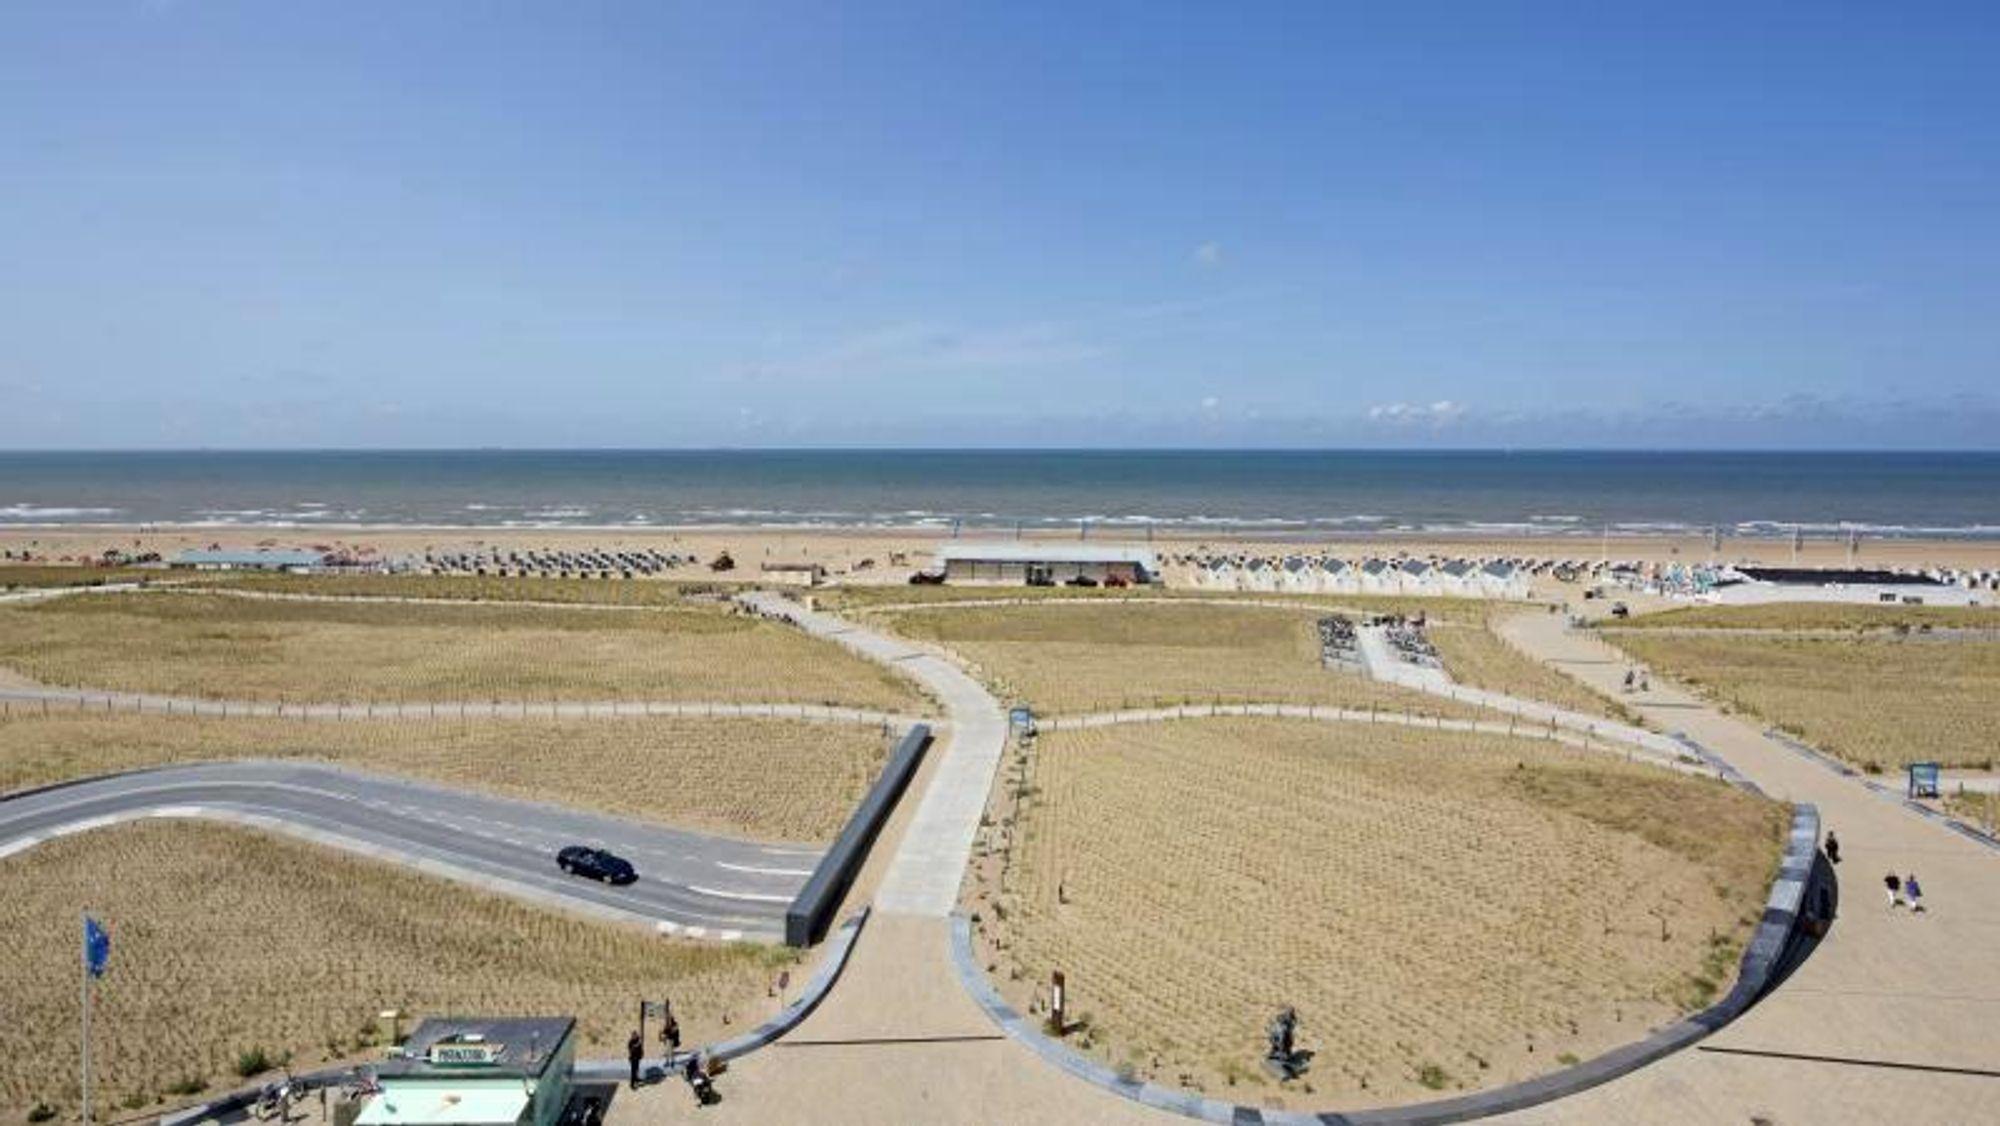 Byen Katwijk ved kysten av Nederland manglet beskyttelse mot nordsjøbølgene. Men et tradisjonelt dike ville skade byens tiltrekningskraft på de økonomisk viktige badegjestene. Løsningen ble å utvide stranden og anlegge skjulte diker i form av kunstige klitter, hvor én av dem kom til å romme en garasje til 650 biler.